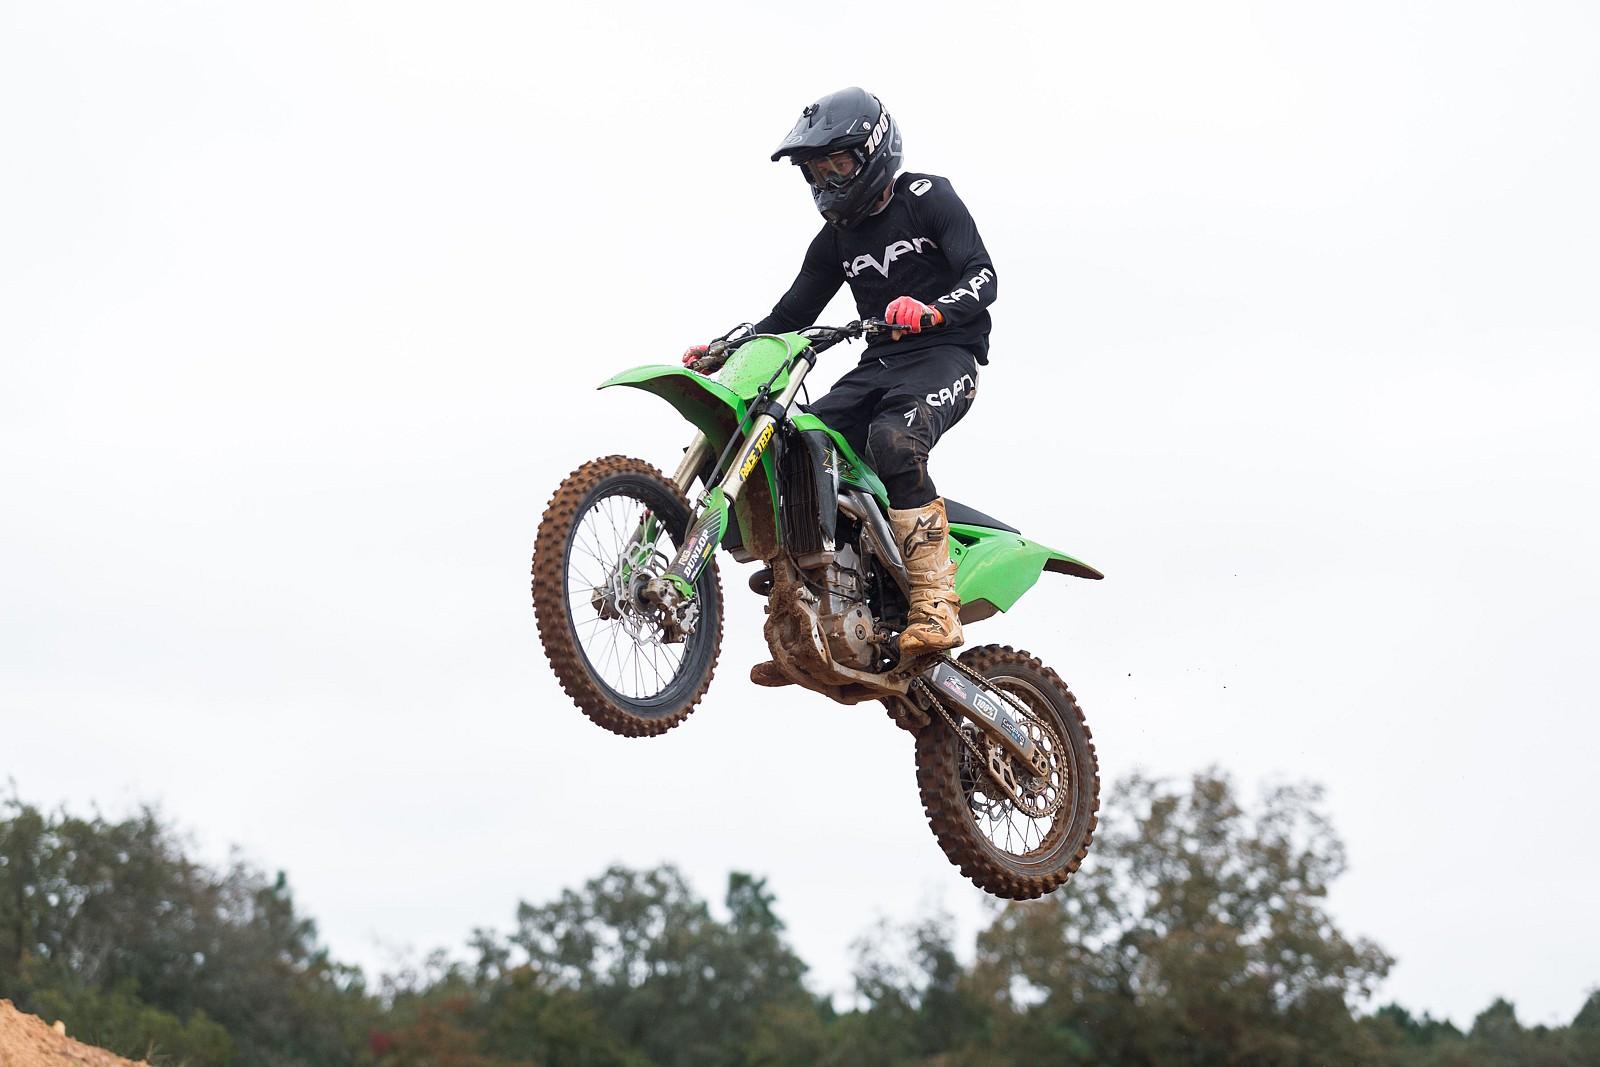 EED39B2B-4B6A-44B5-AA39-243AB6D1D834 - Reid Waddell - Motocross Pictures - Vital MX